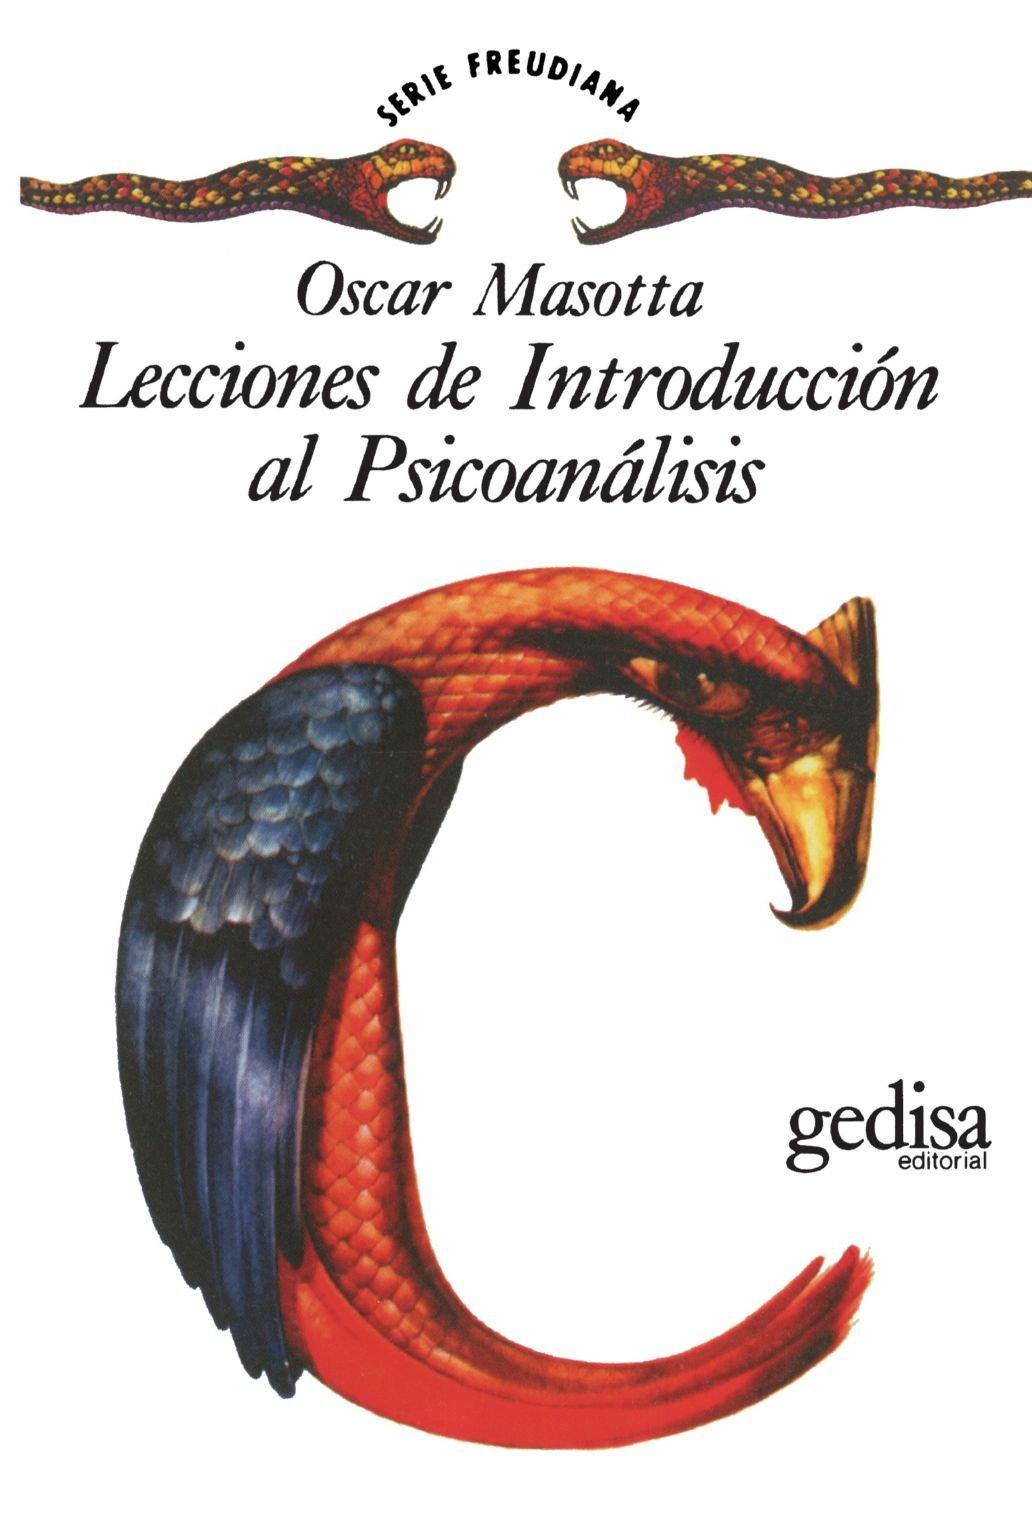 Lecciones De Introducción Al Psicoanalis (Serie Freudiana) (Spanish Edition): Óscar Masotta: 9788474320145: Amazon.com: Books